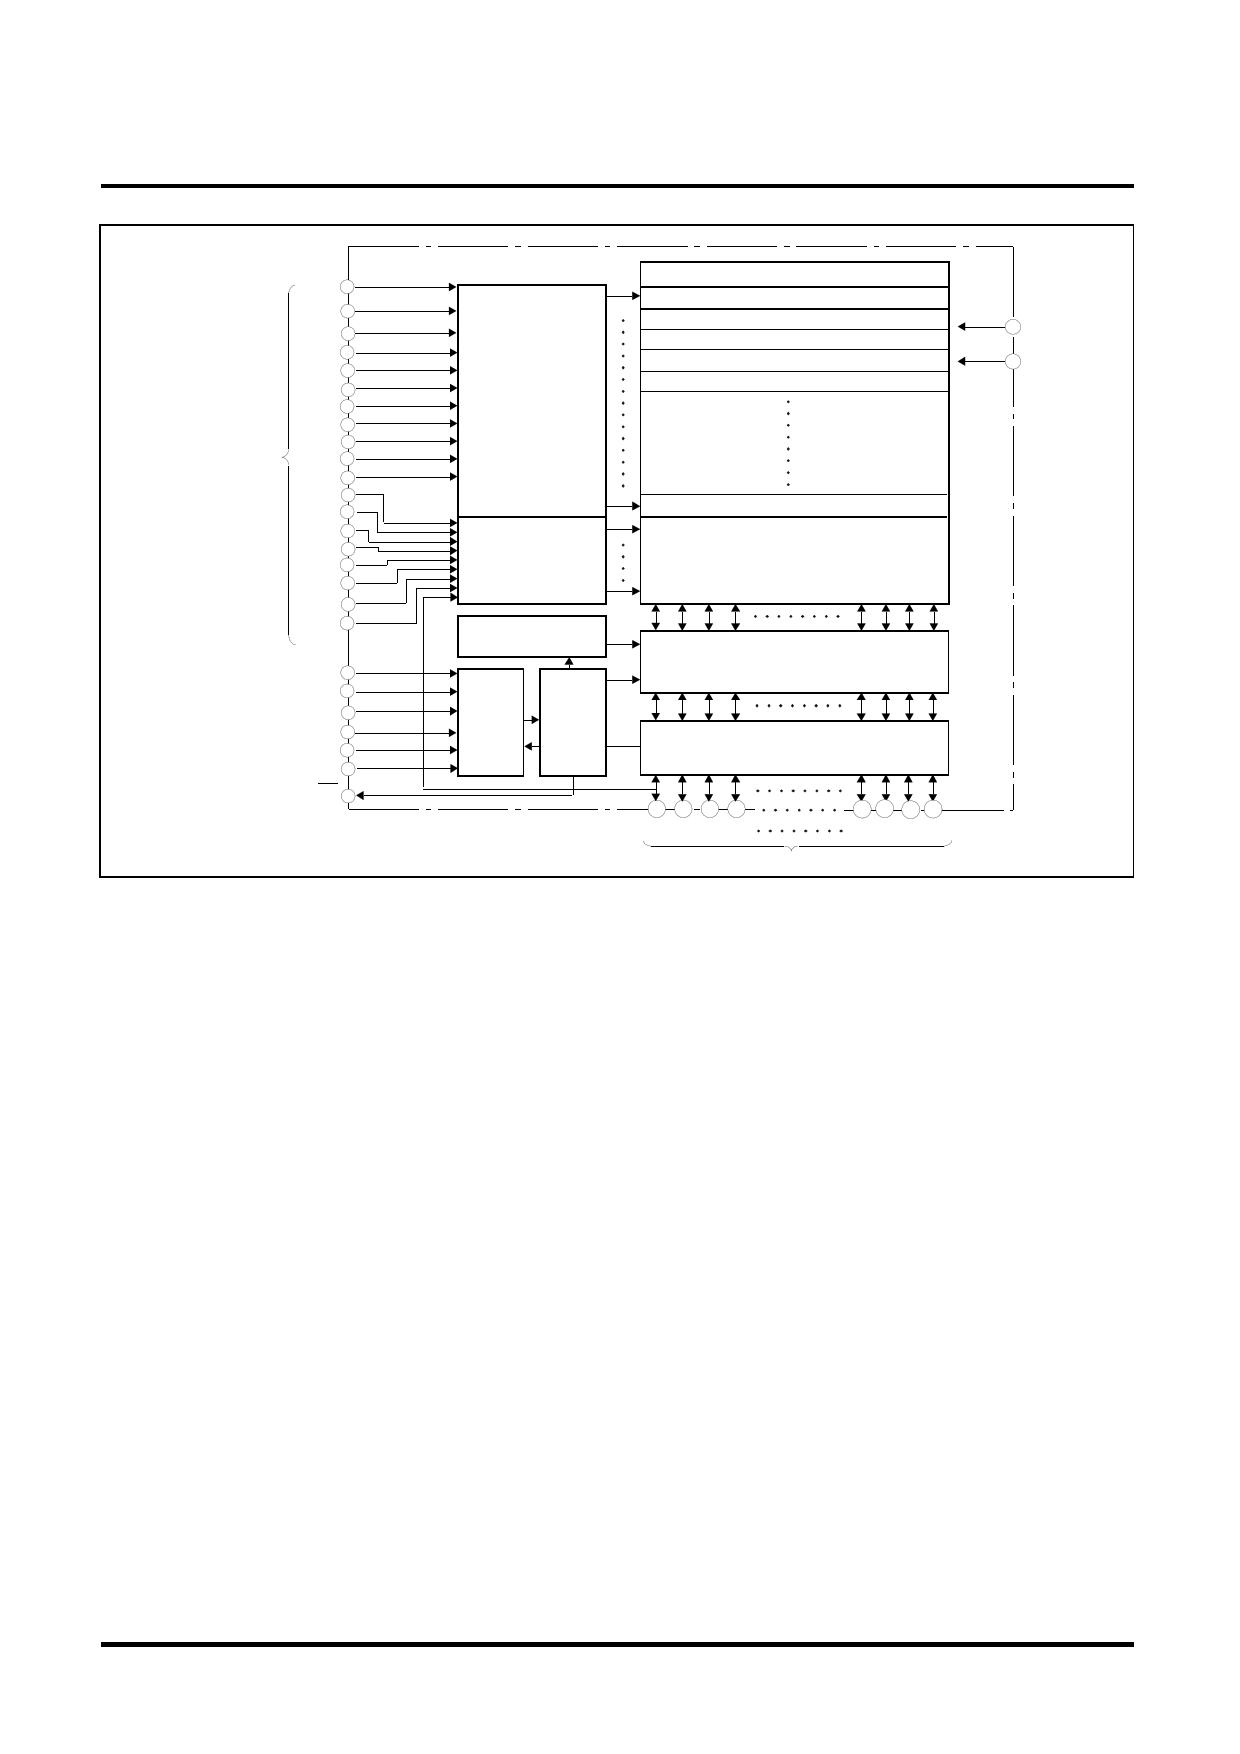 M5M29FB800VP-12 pdf, schematic